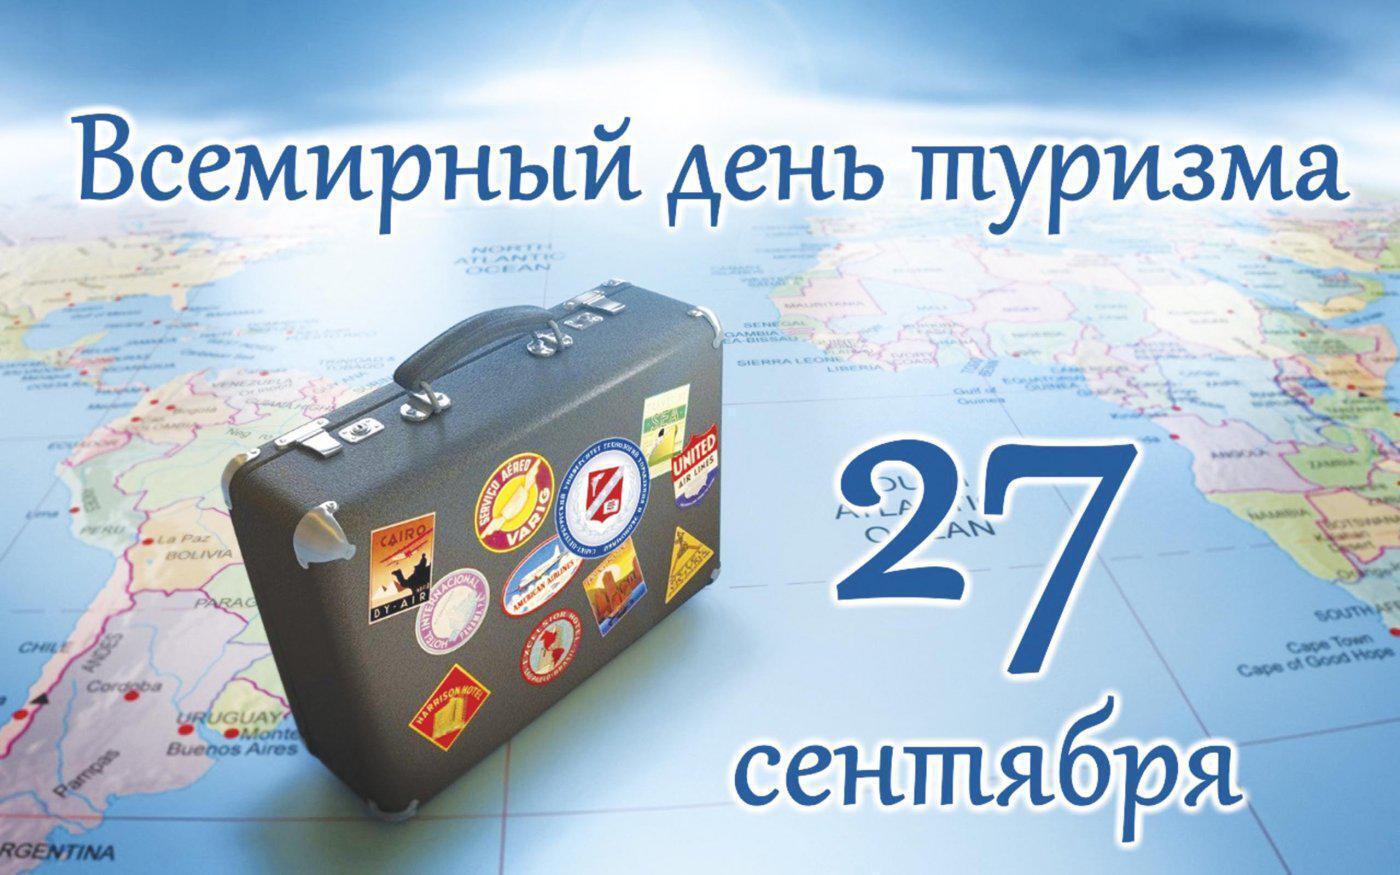 Всемирный день туризма: открытка